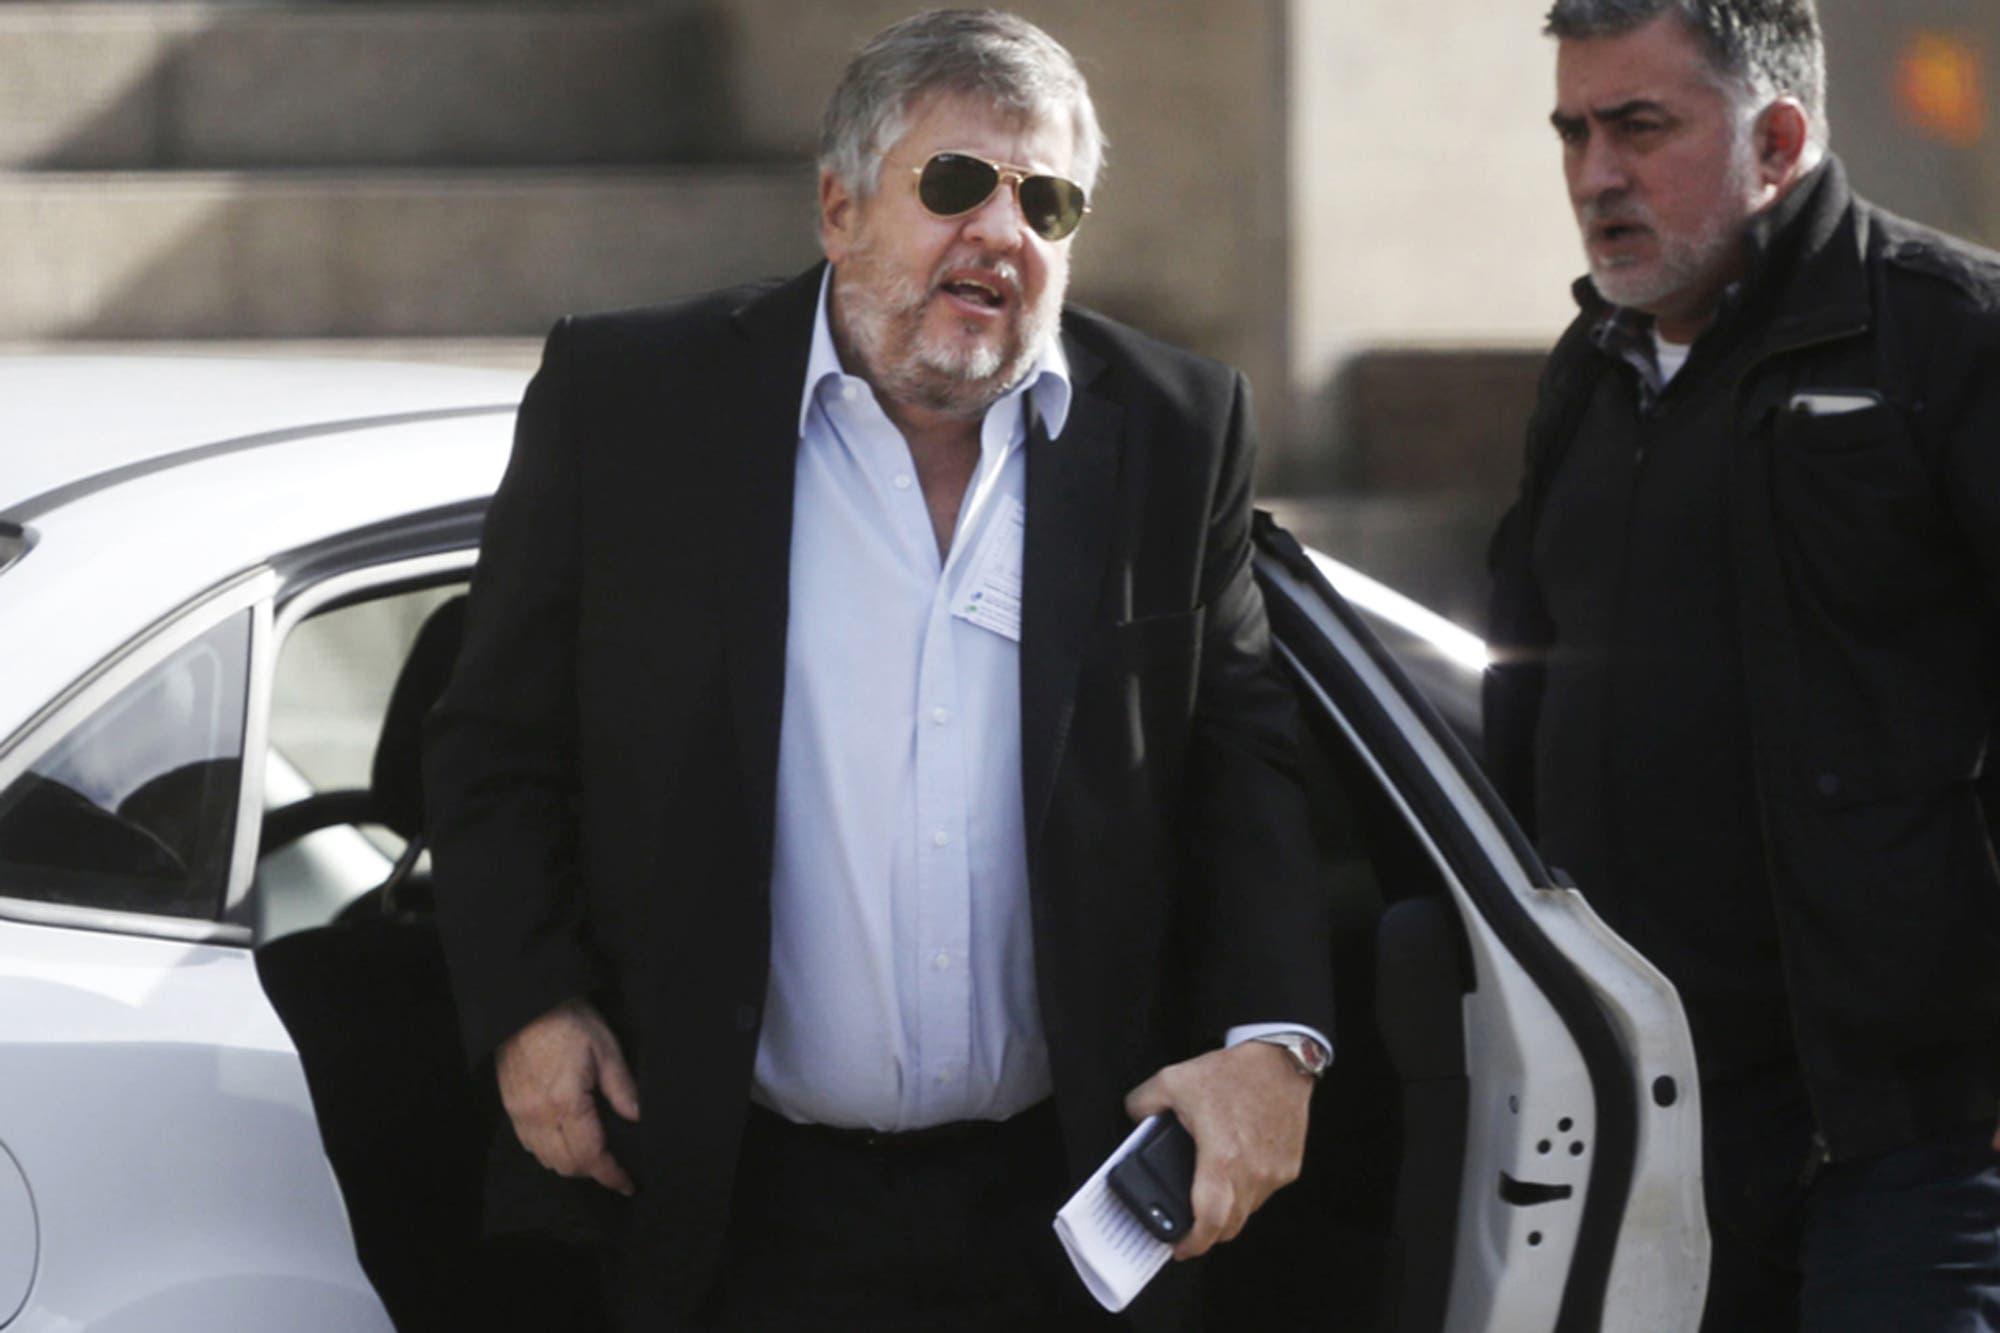 El juez Ramos Padilla procesó al fiscal Stornelli y lo embargó por $10 millones